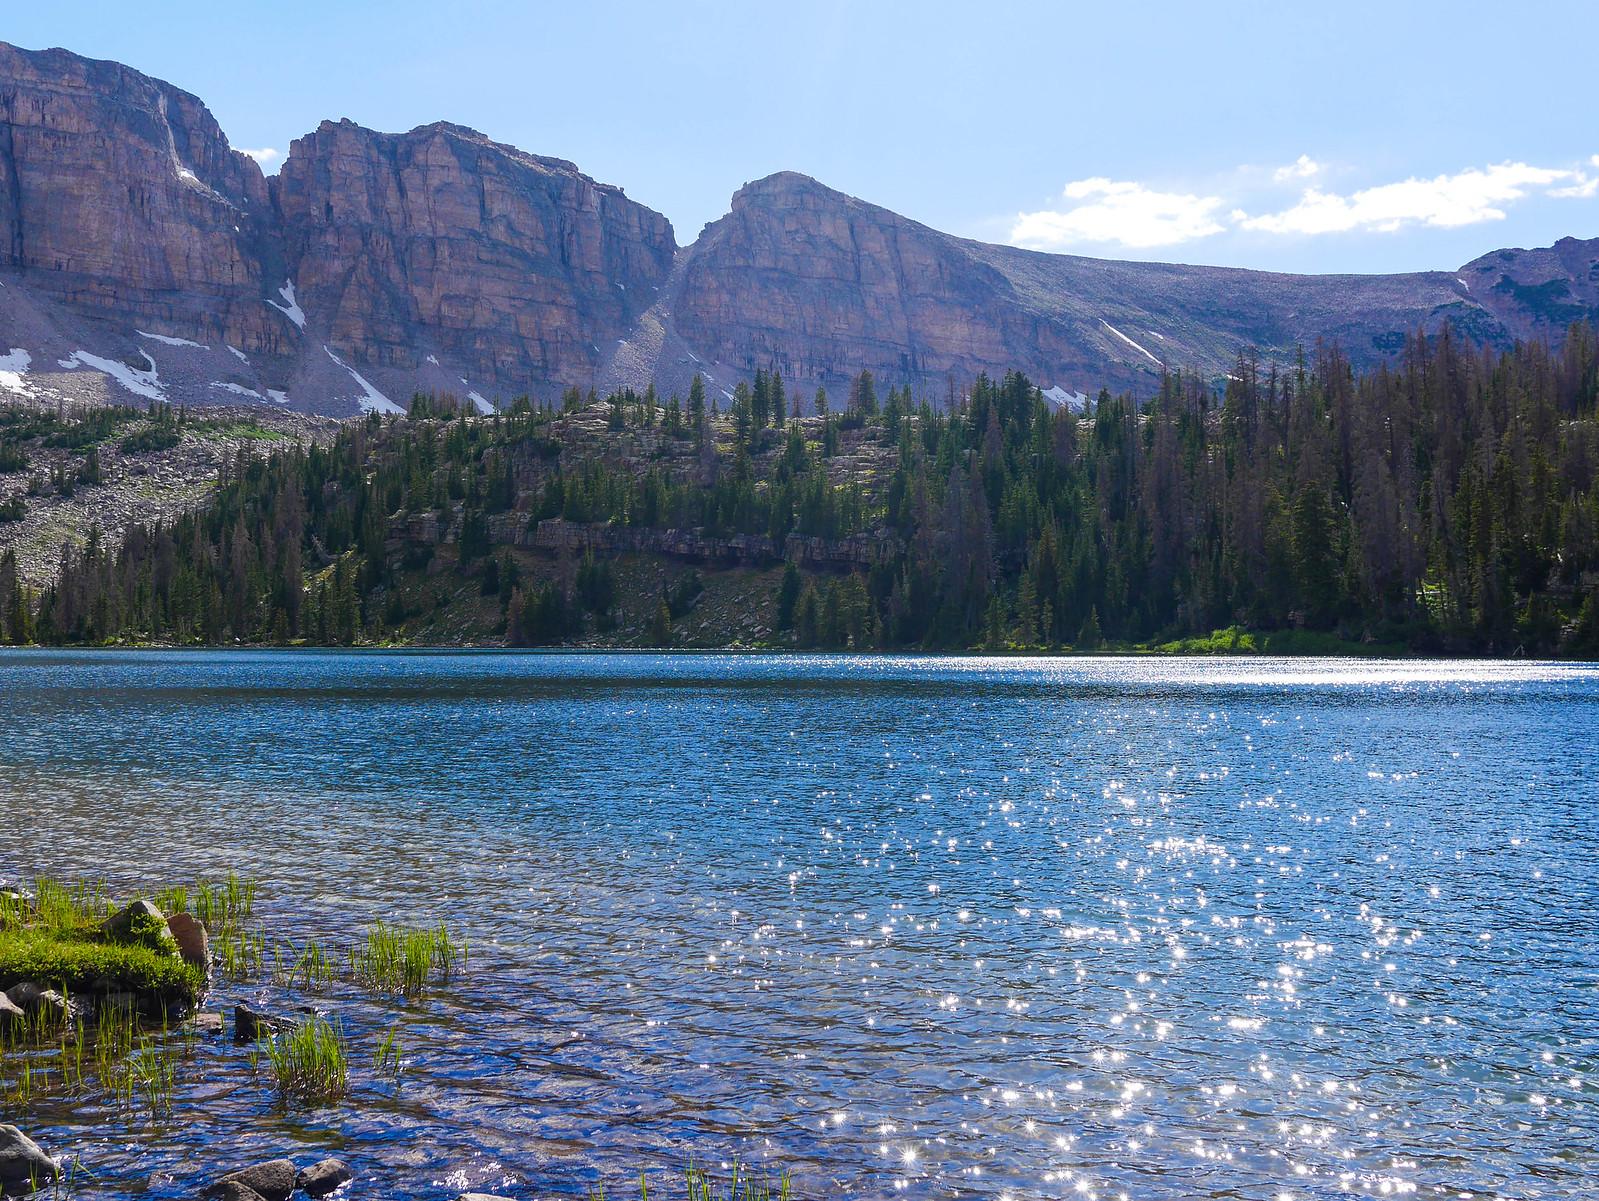 Ryder Lake